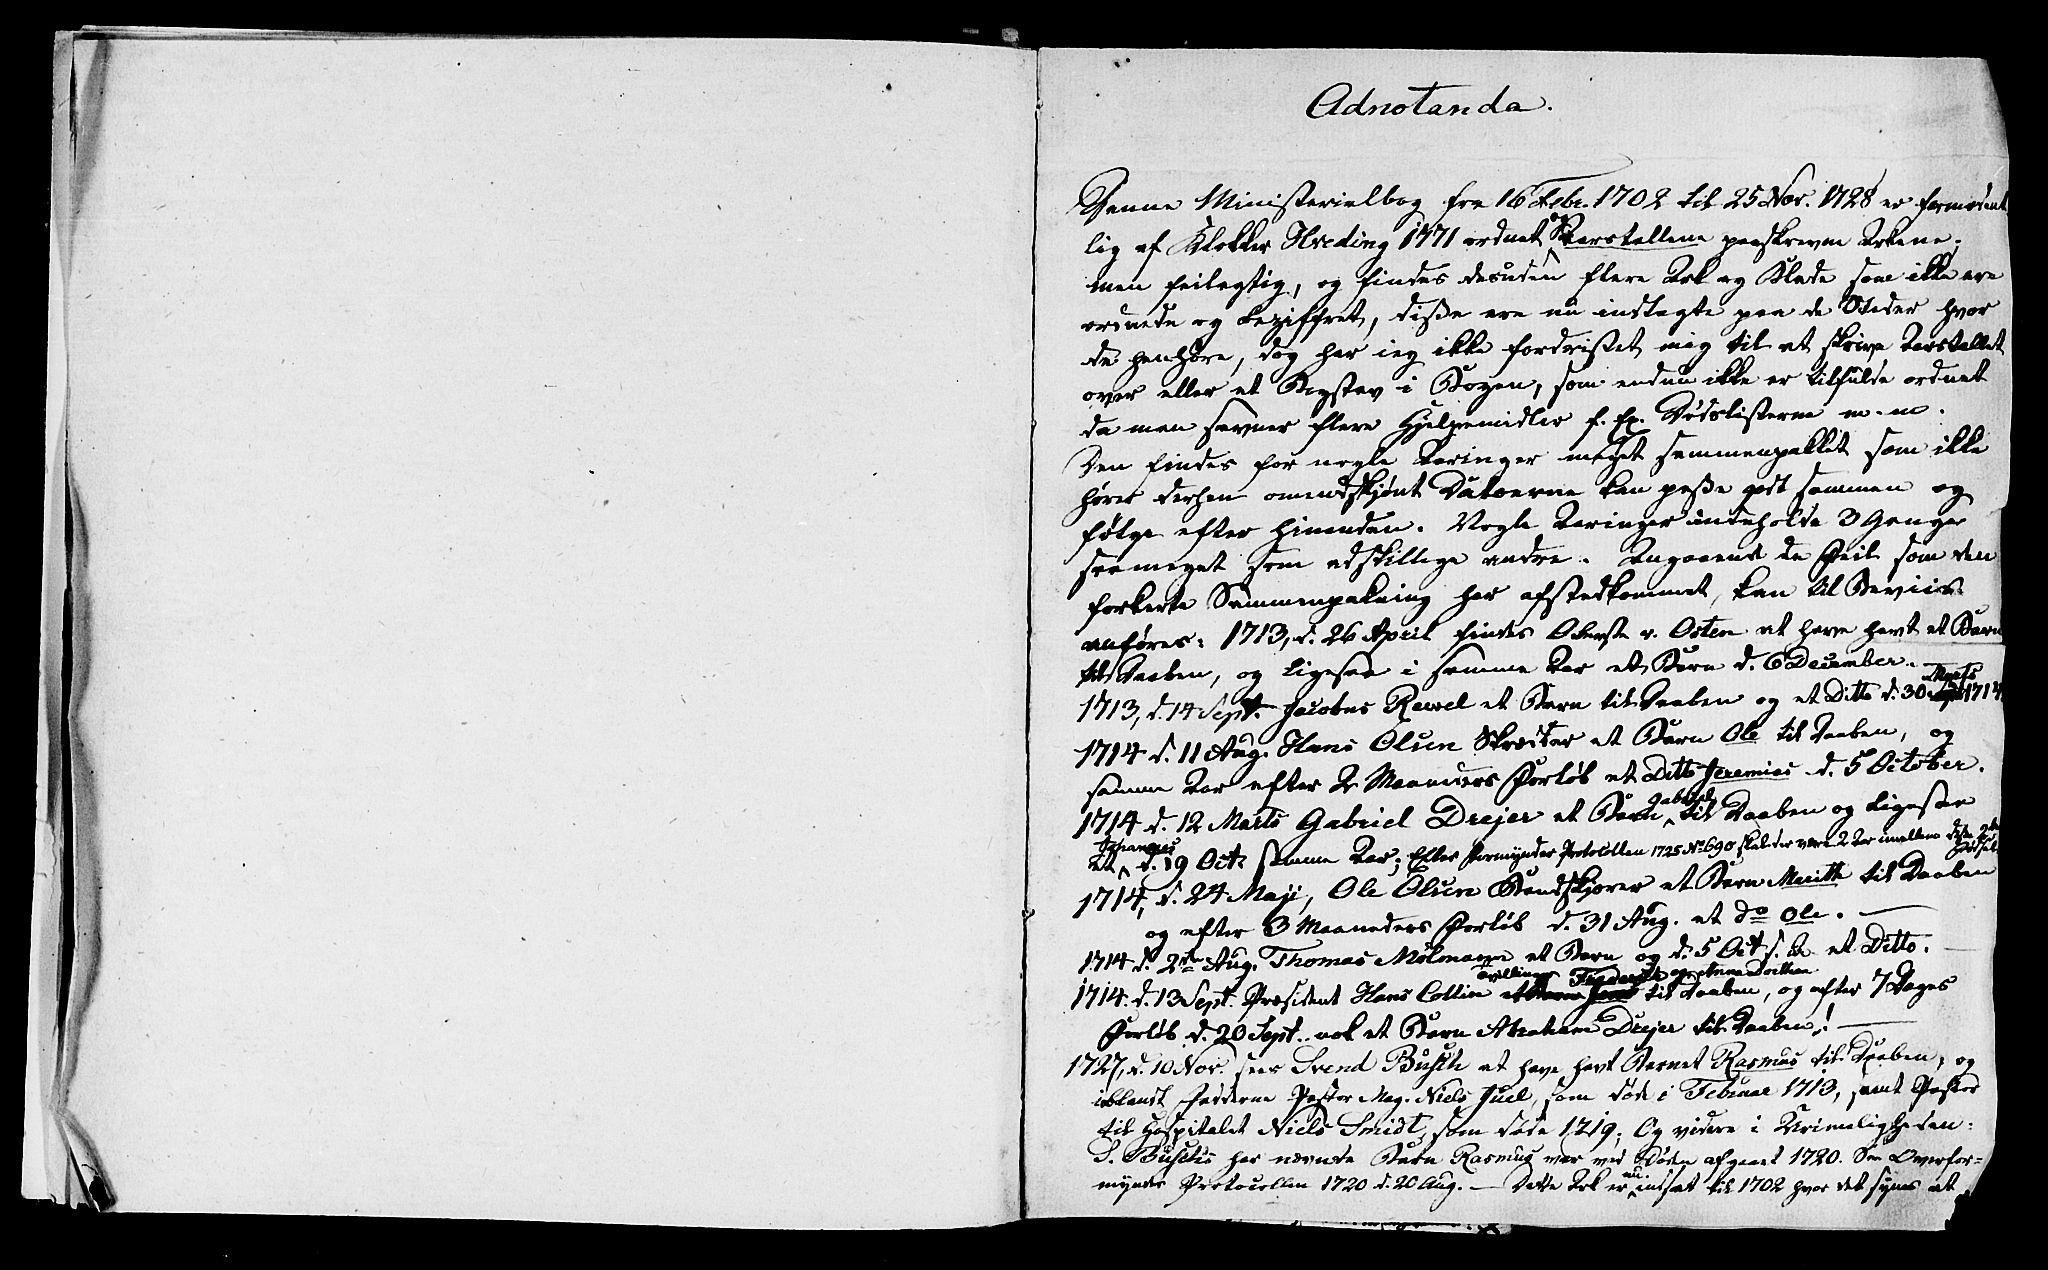 SAT, Ministerialprotokoller, klokkerbøker og fødselsregistre - Sør-Trøndelag, 601/L0034: Ministerialbok nr. 601A02, 1702-1714